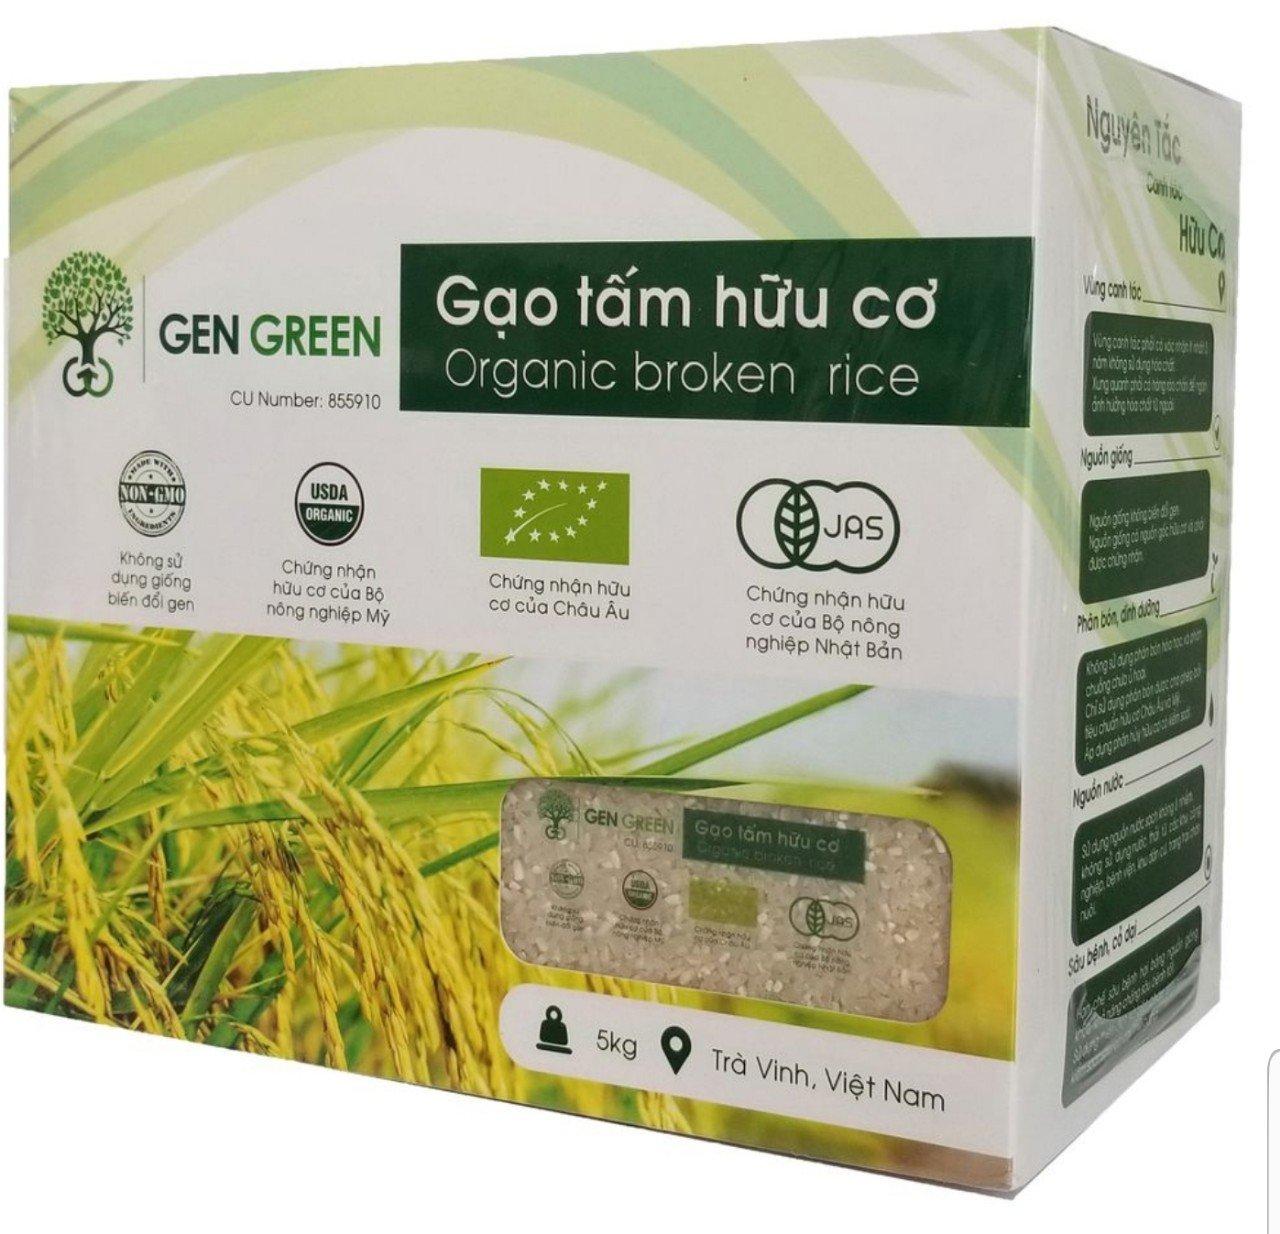 Gạo tấm hữu cơ